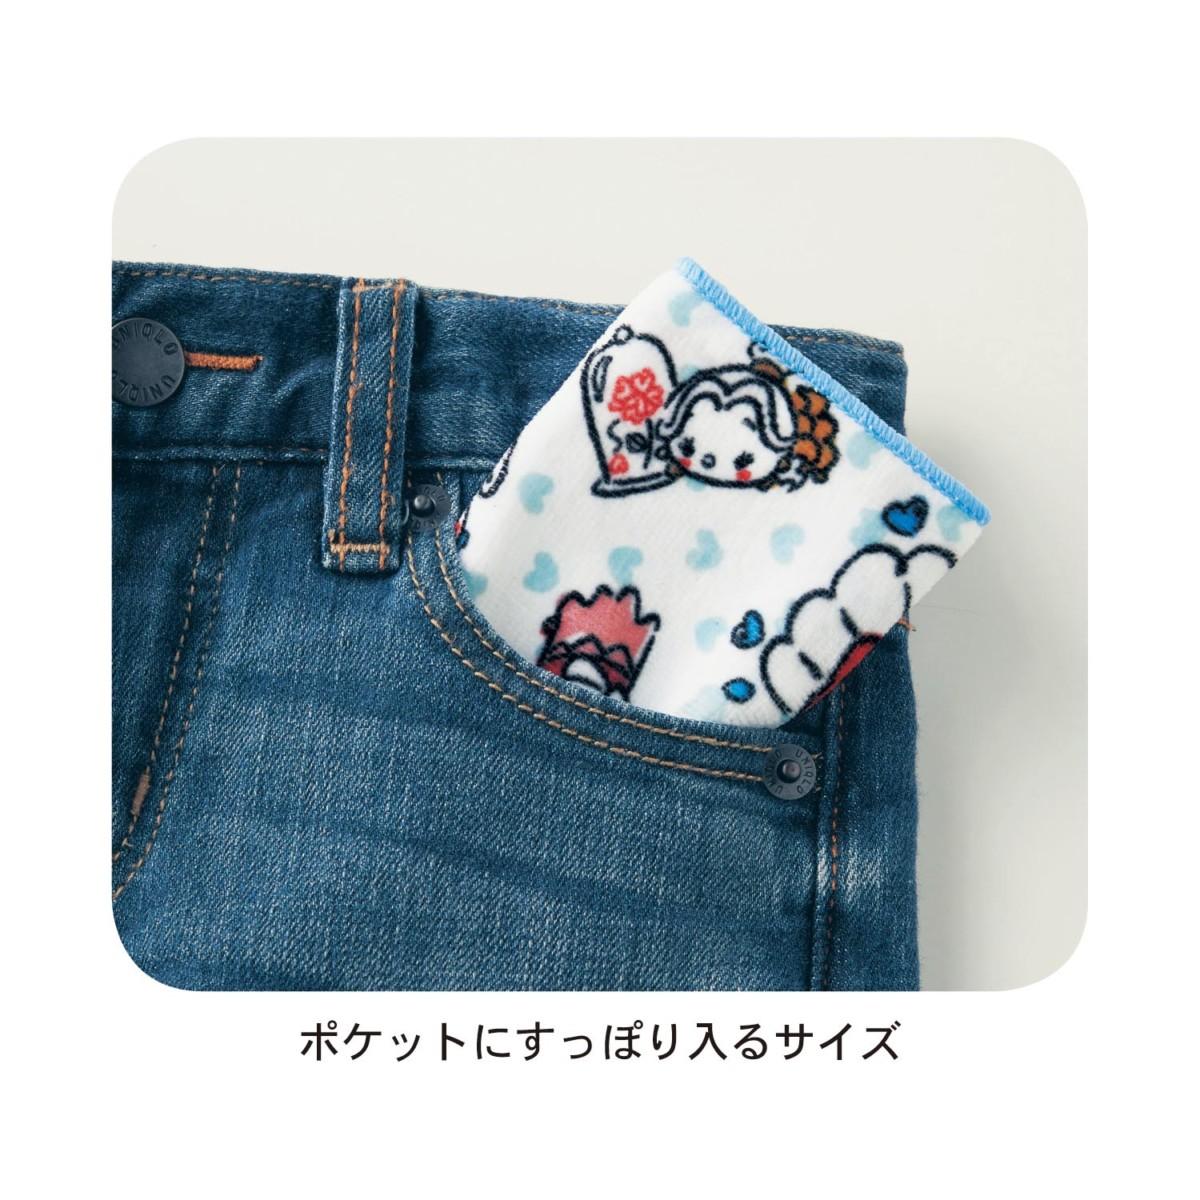 ポケットに入る三つ折りタオルハンカチ5柄セット サイズ感